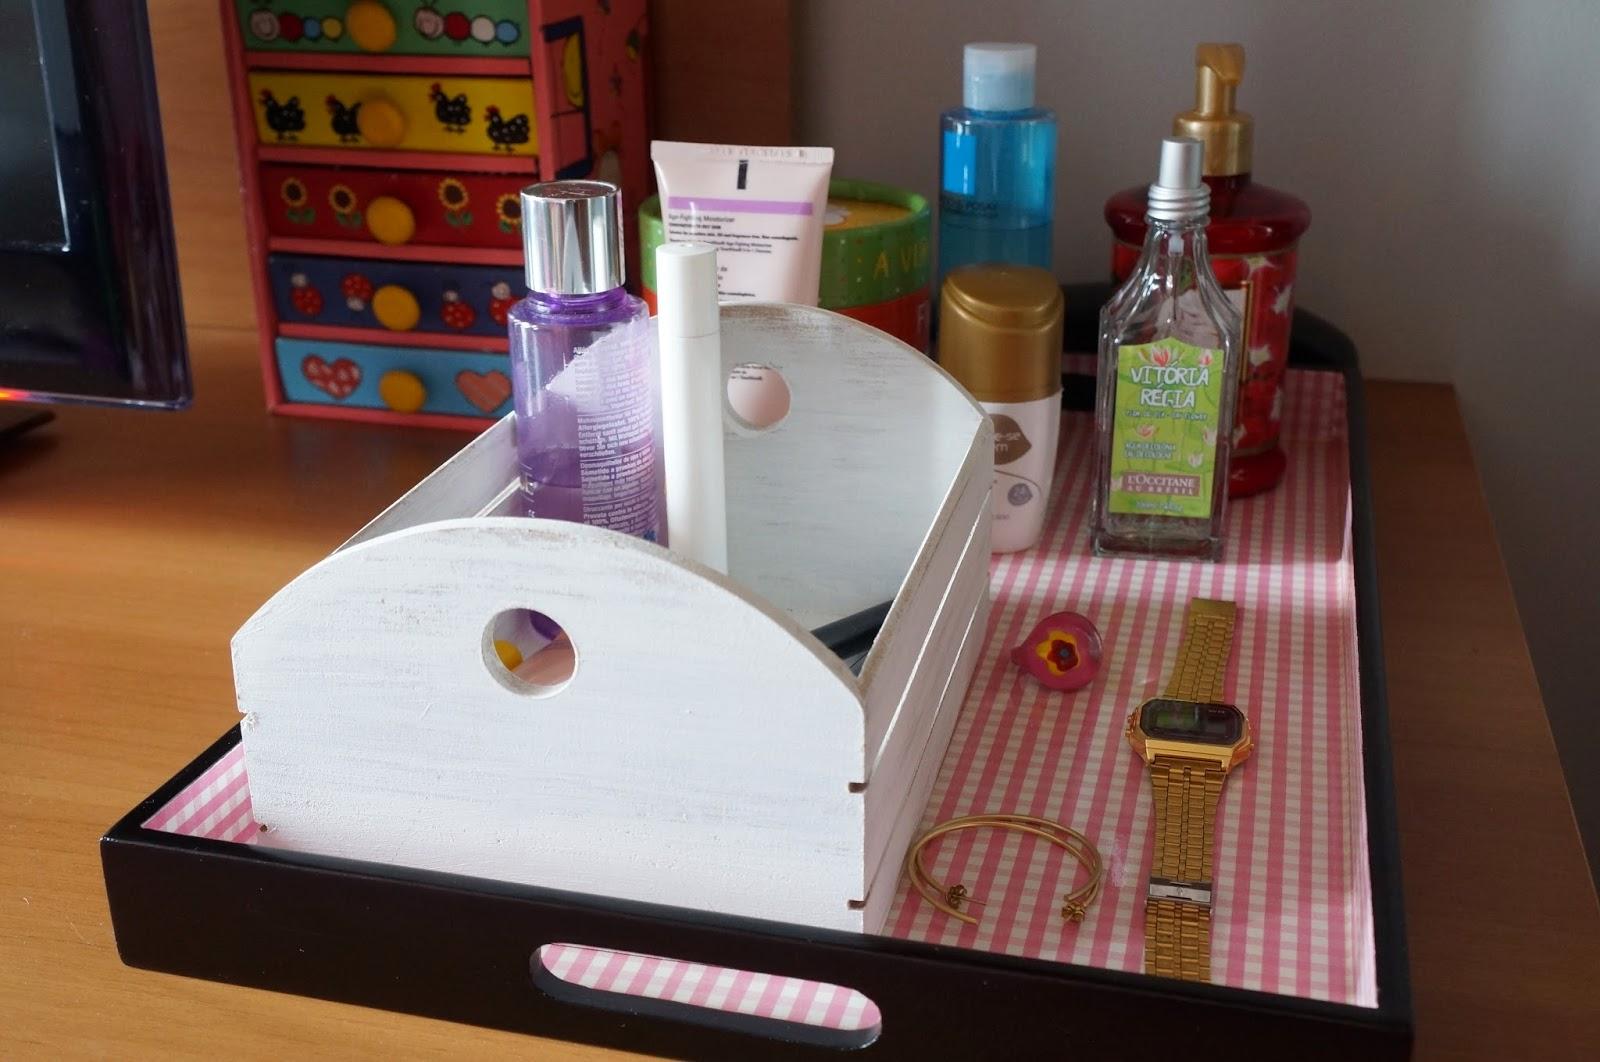 bandeja usada para organizar cosméticos - Loja Dellabino